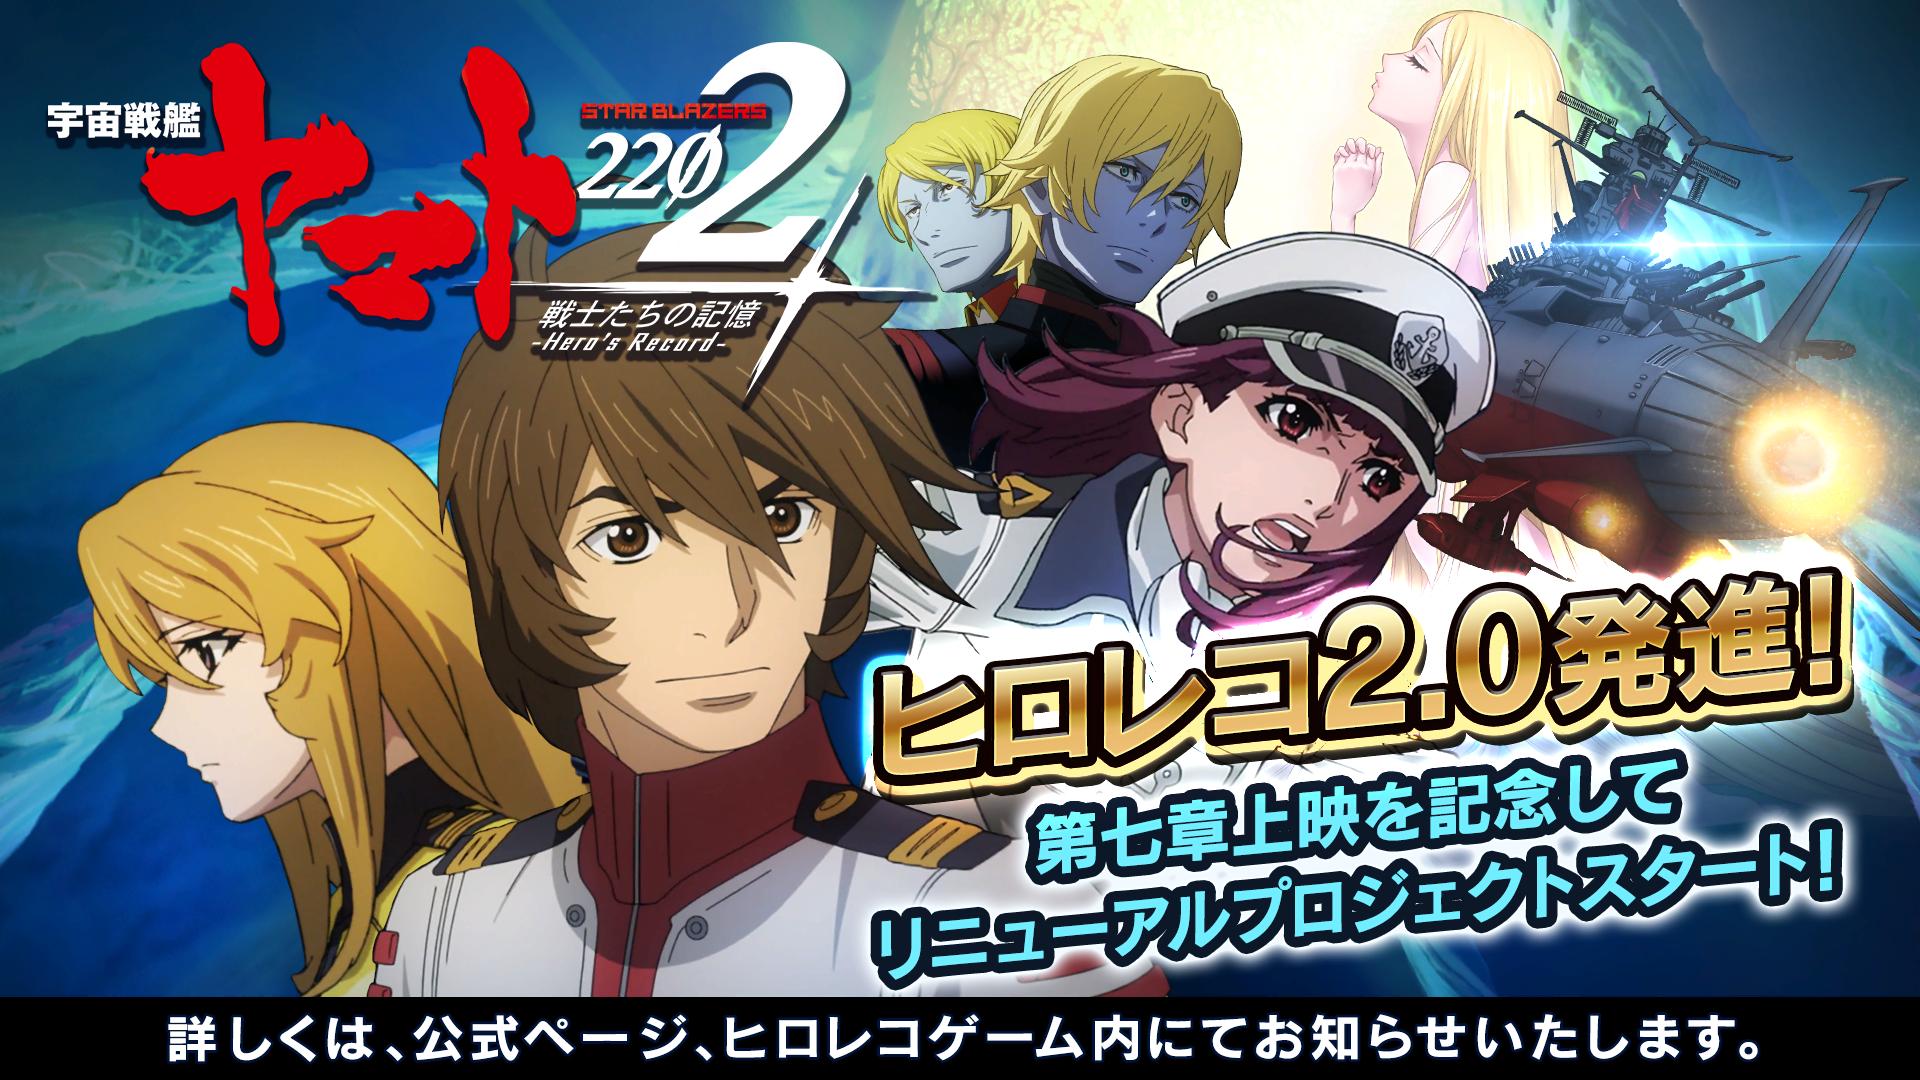 宇宙戦艦ヤマト2202戦士たちの記憶 Hero S Record 2周年記念イベント